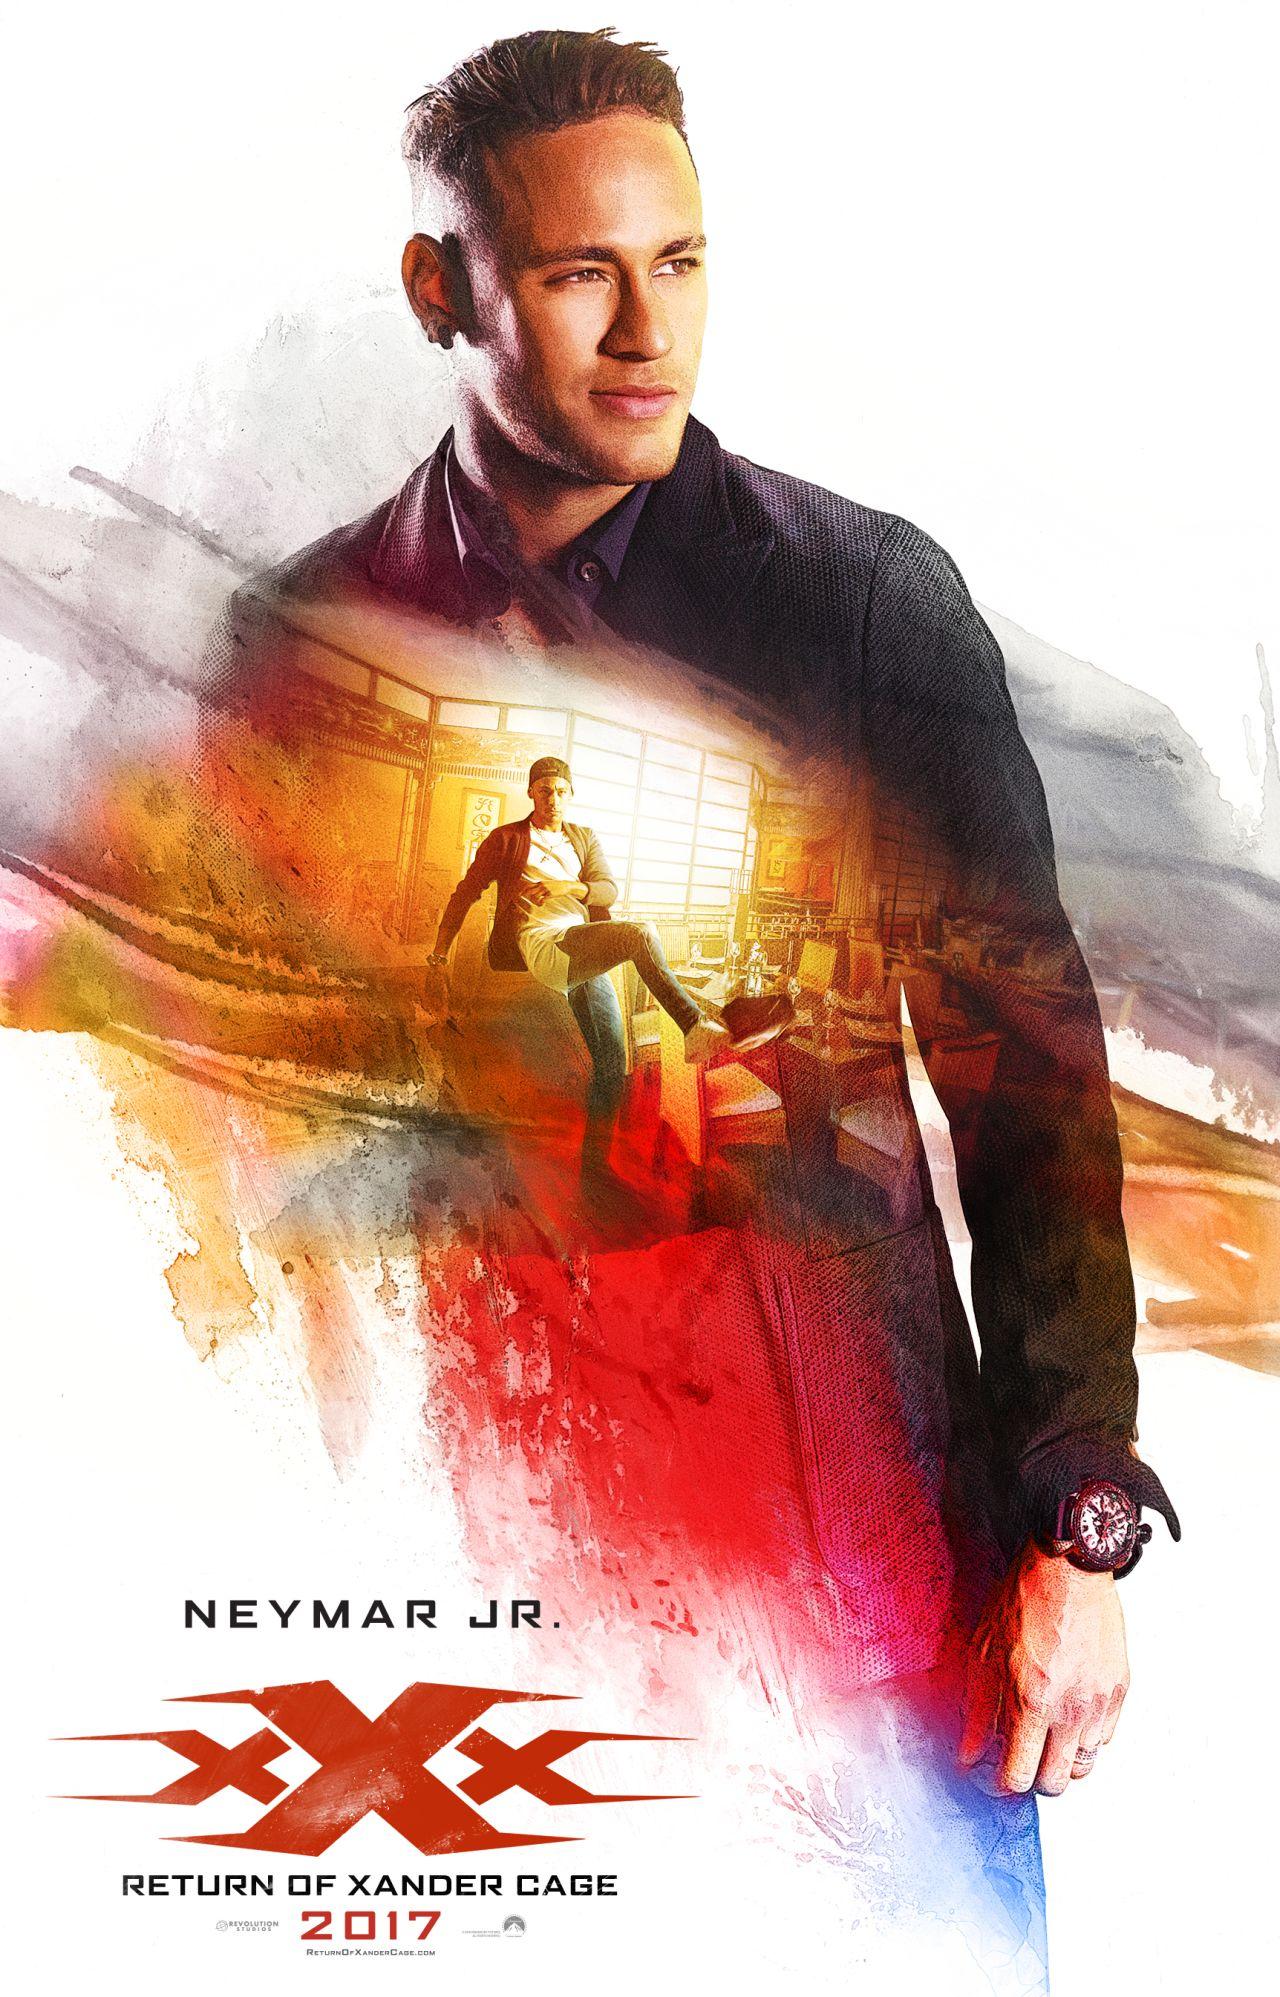 xXx: Return of Xander Cage - Il character poster di Neymar Jr.